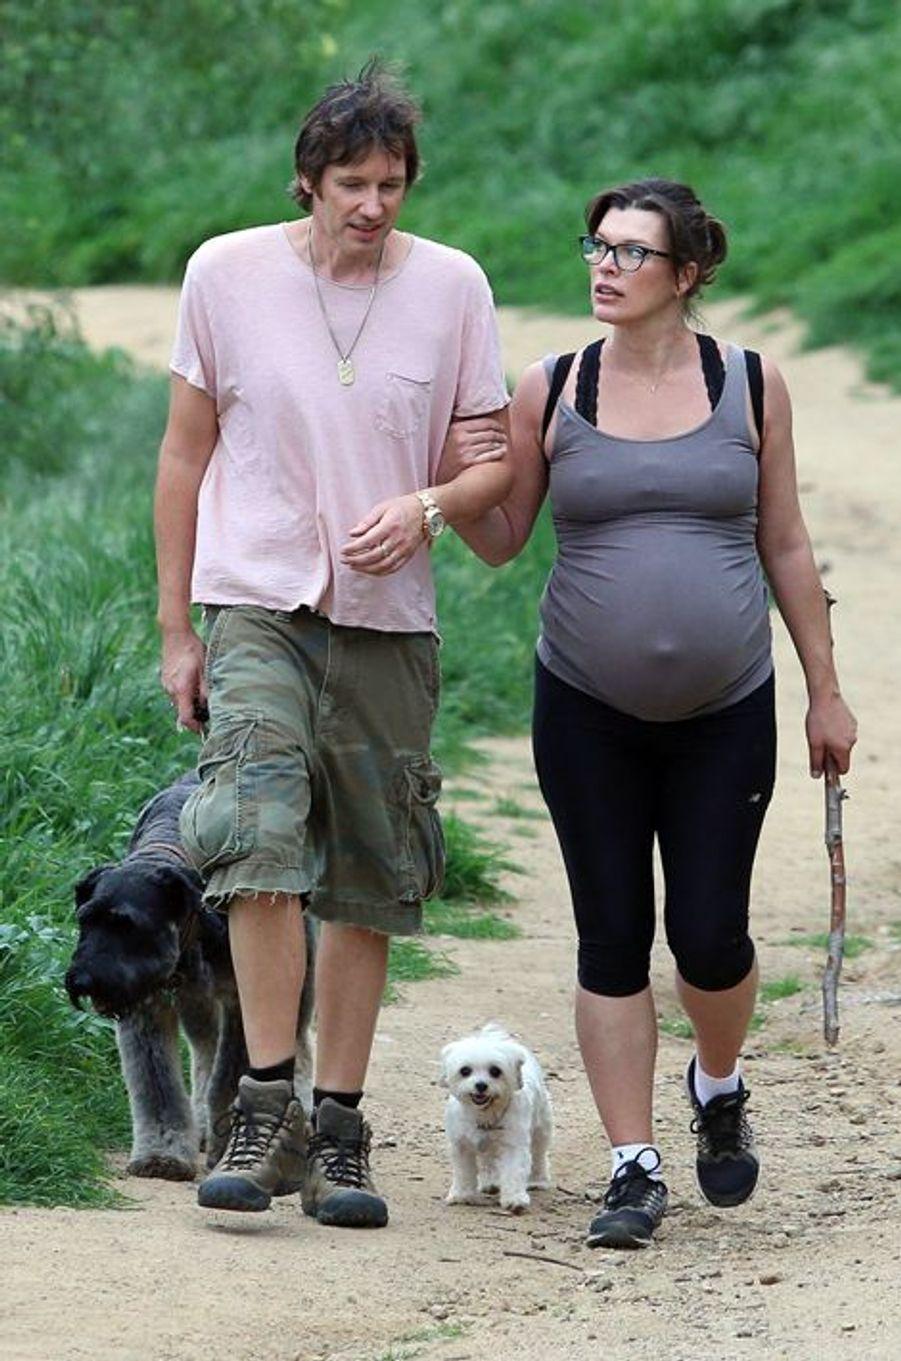 L'actrice Milla Jovovich et Paul W.S. Anderson ont accueilli une petite fille prénommée Dashiel en novembre 2015.